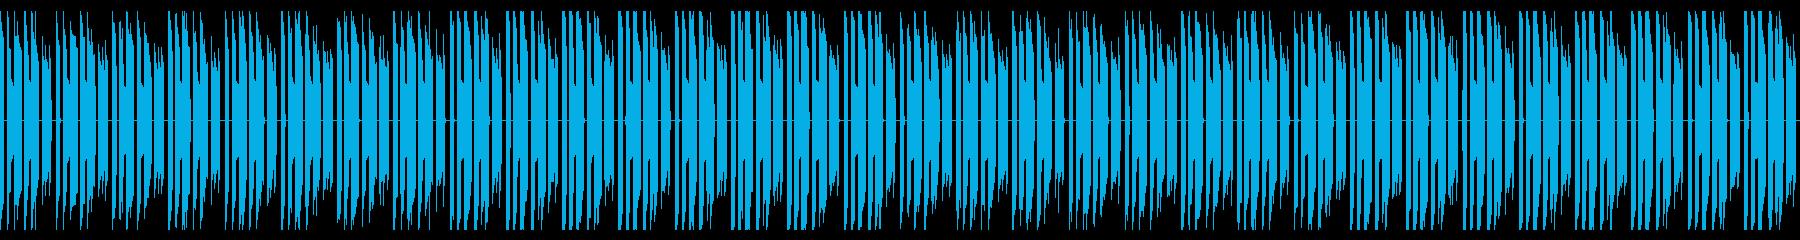 ファミコン風説明シーンのBGMの再生済みの波形